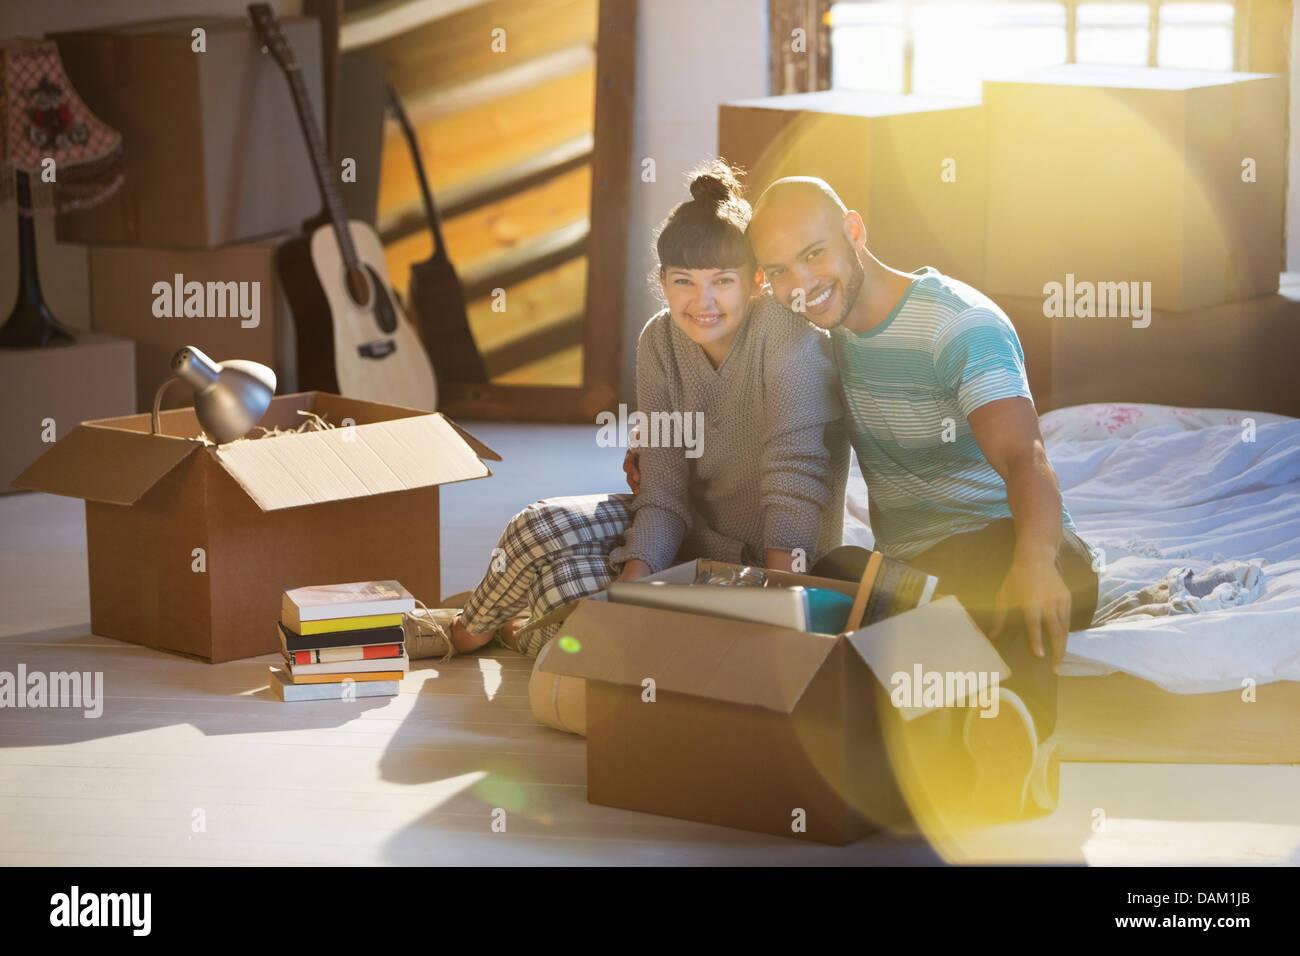 Giovane disimballaggio scatole in soffitta Immagini Stock